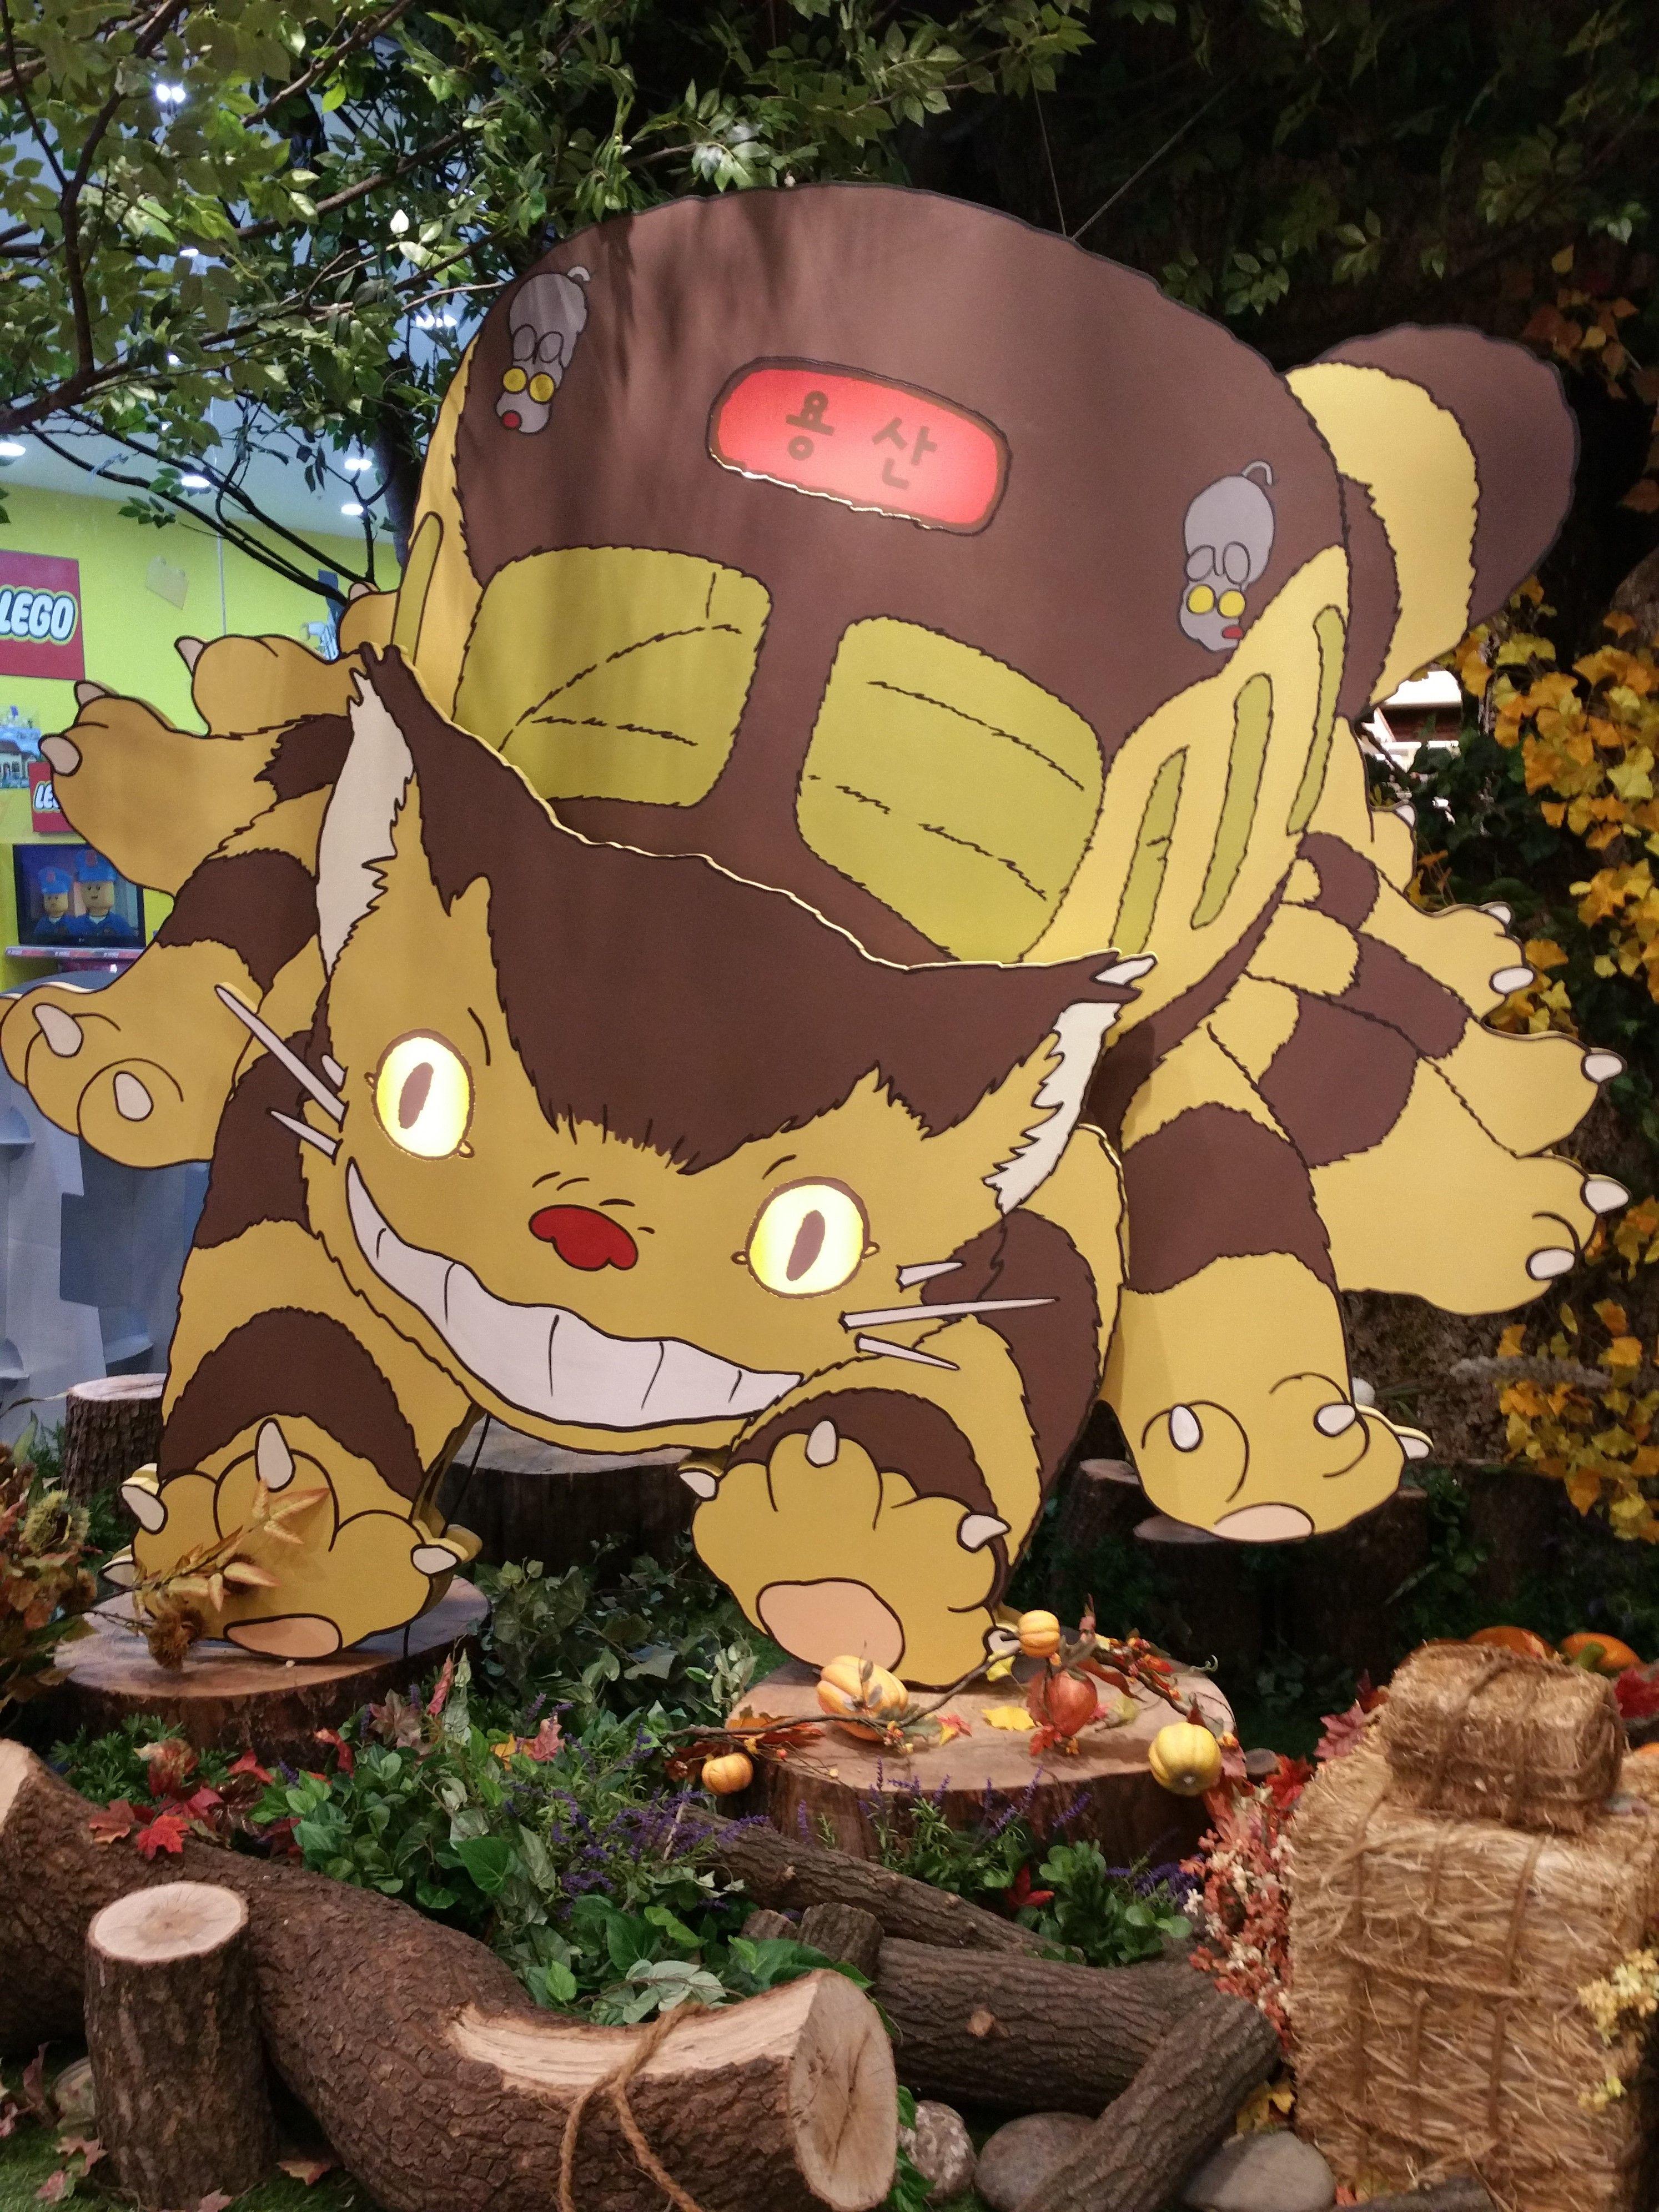 Studio Ghibli Store Images In Seoul  South Korea